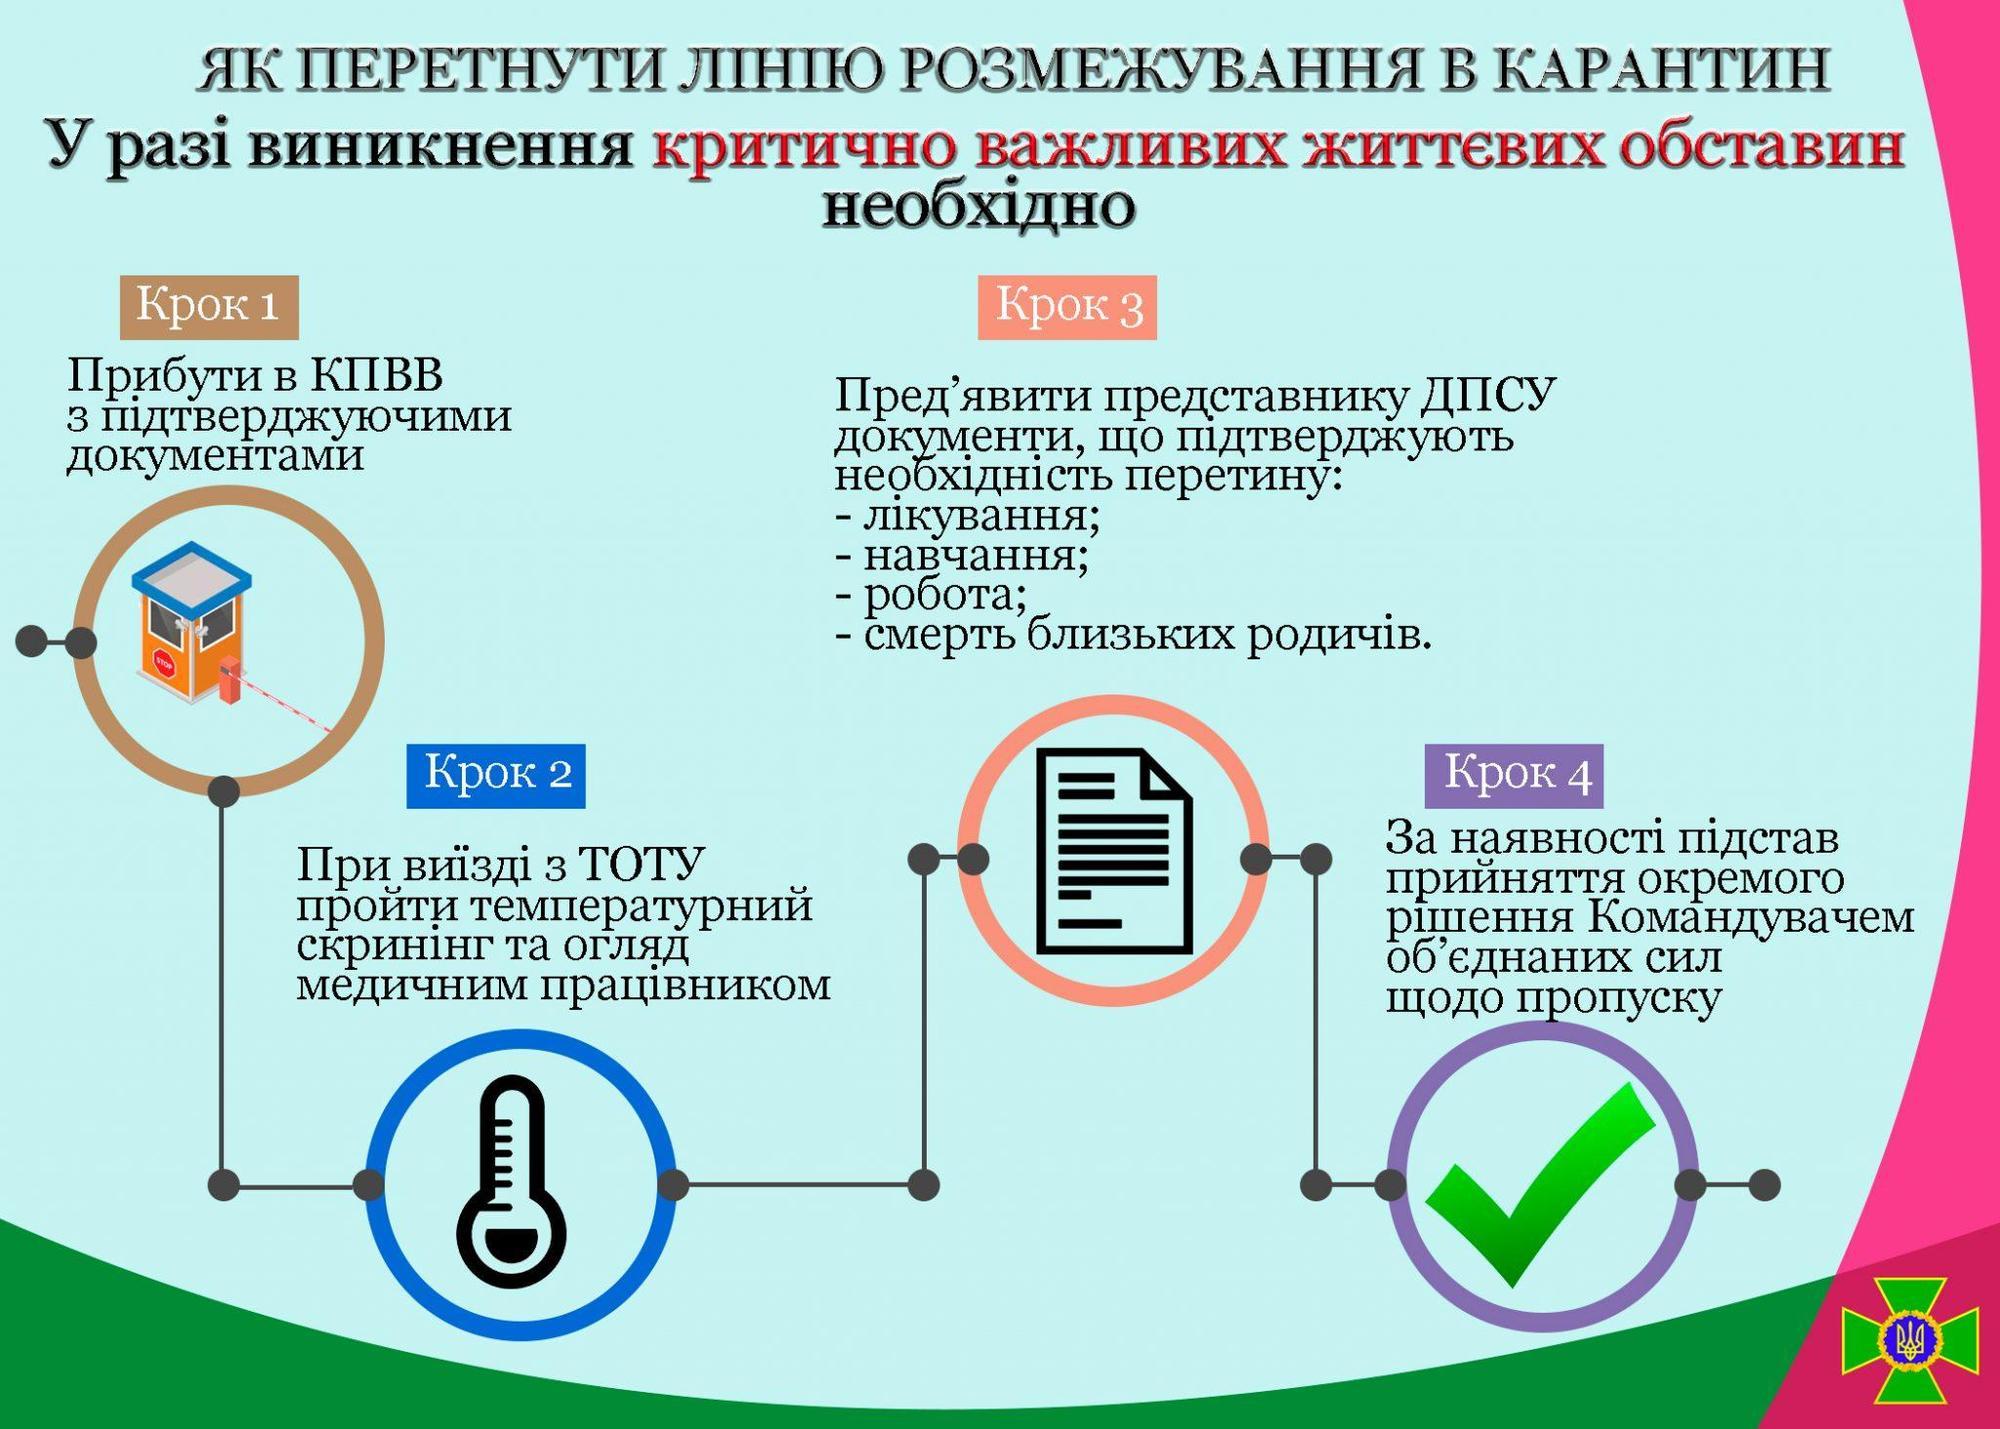 Жителям временно окупированных территорий Донбасса разрешают пересечь КПВВ по уважительным причинам, но боевики закрывают границы